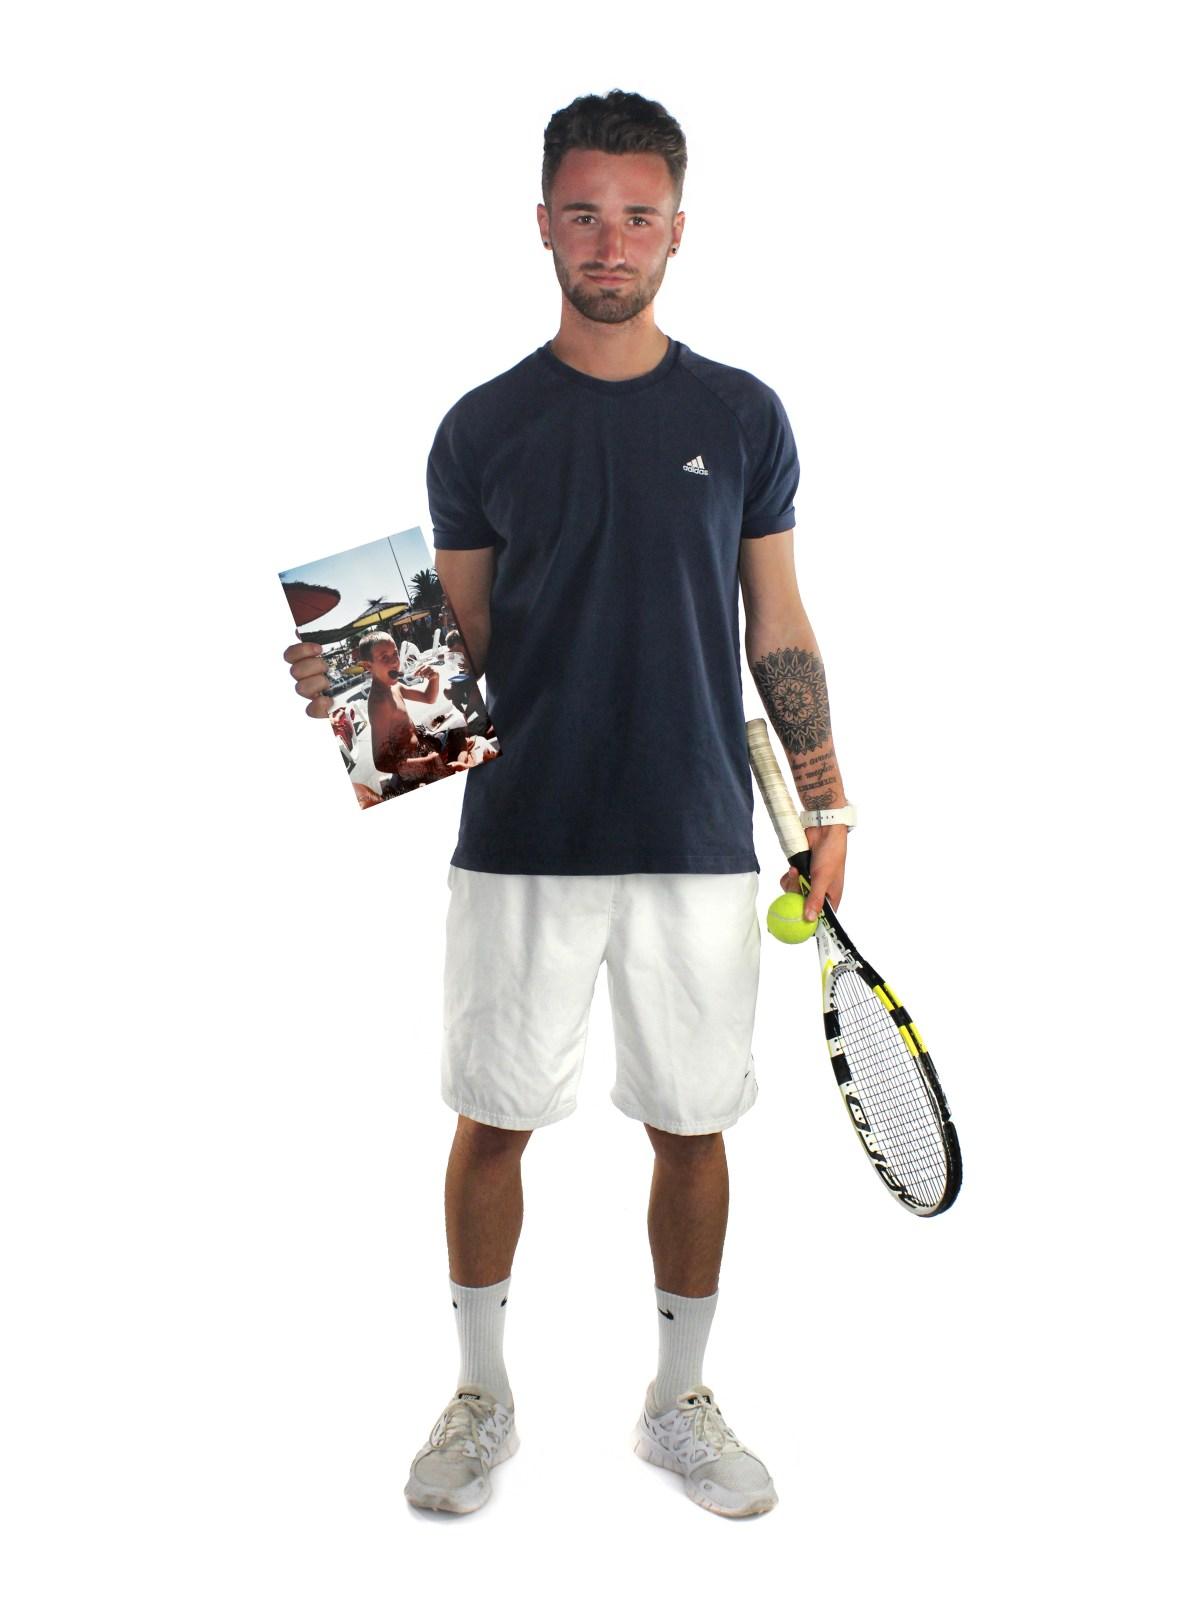 Tennis player Freddie Martin